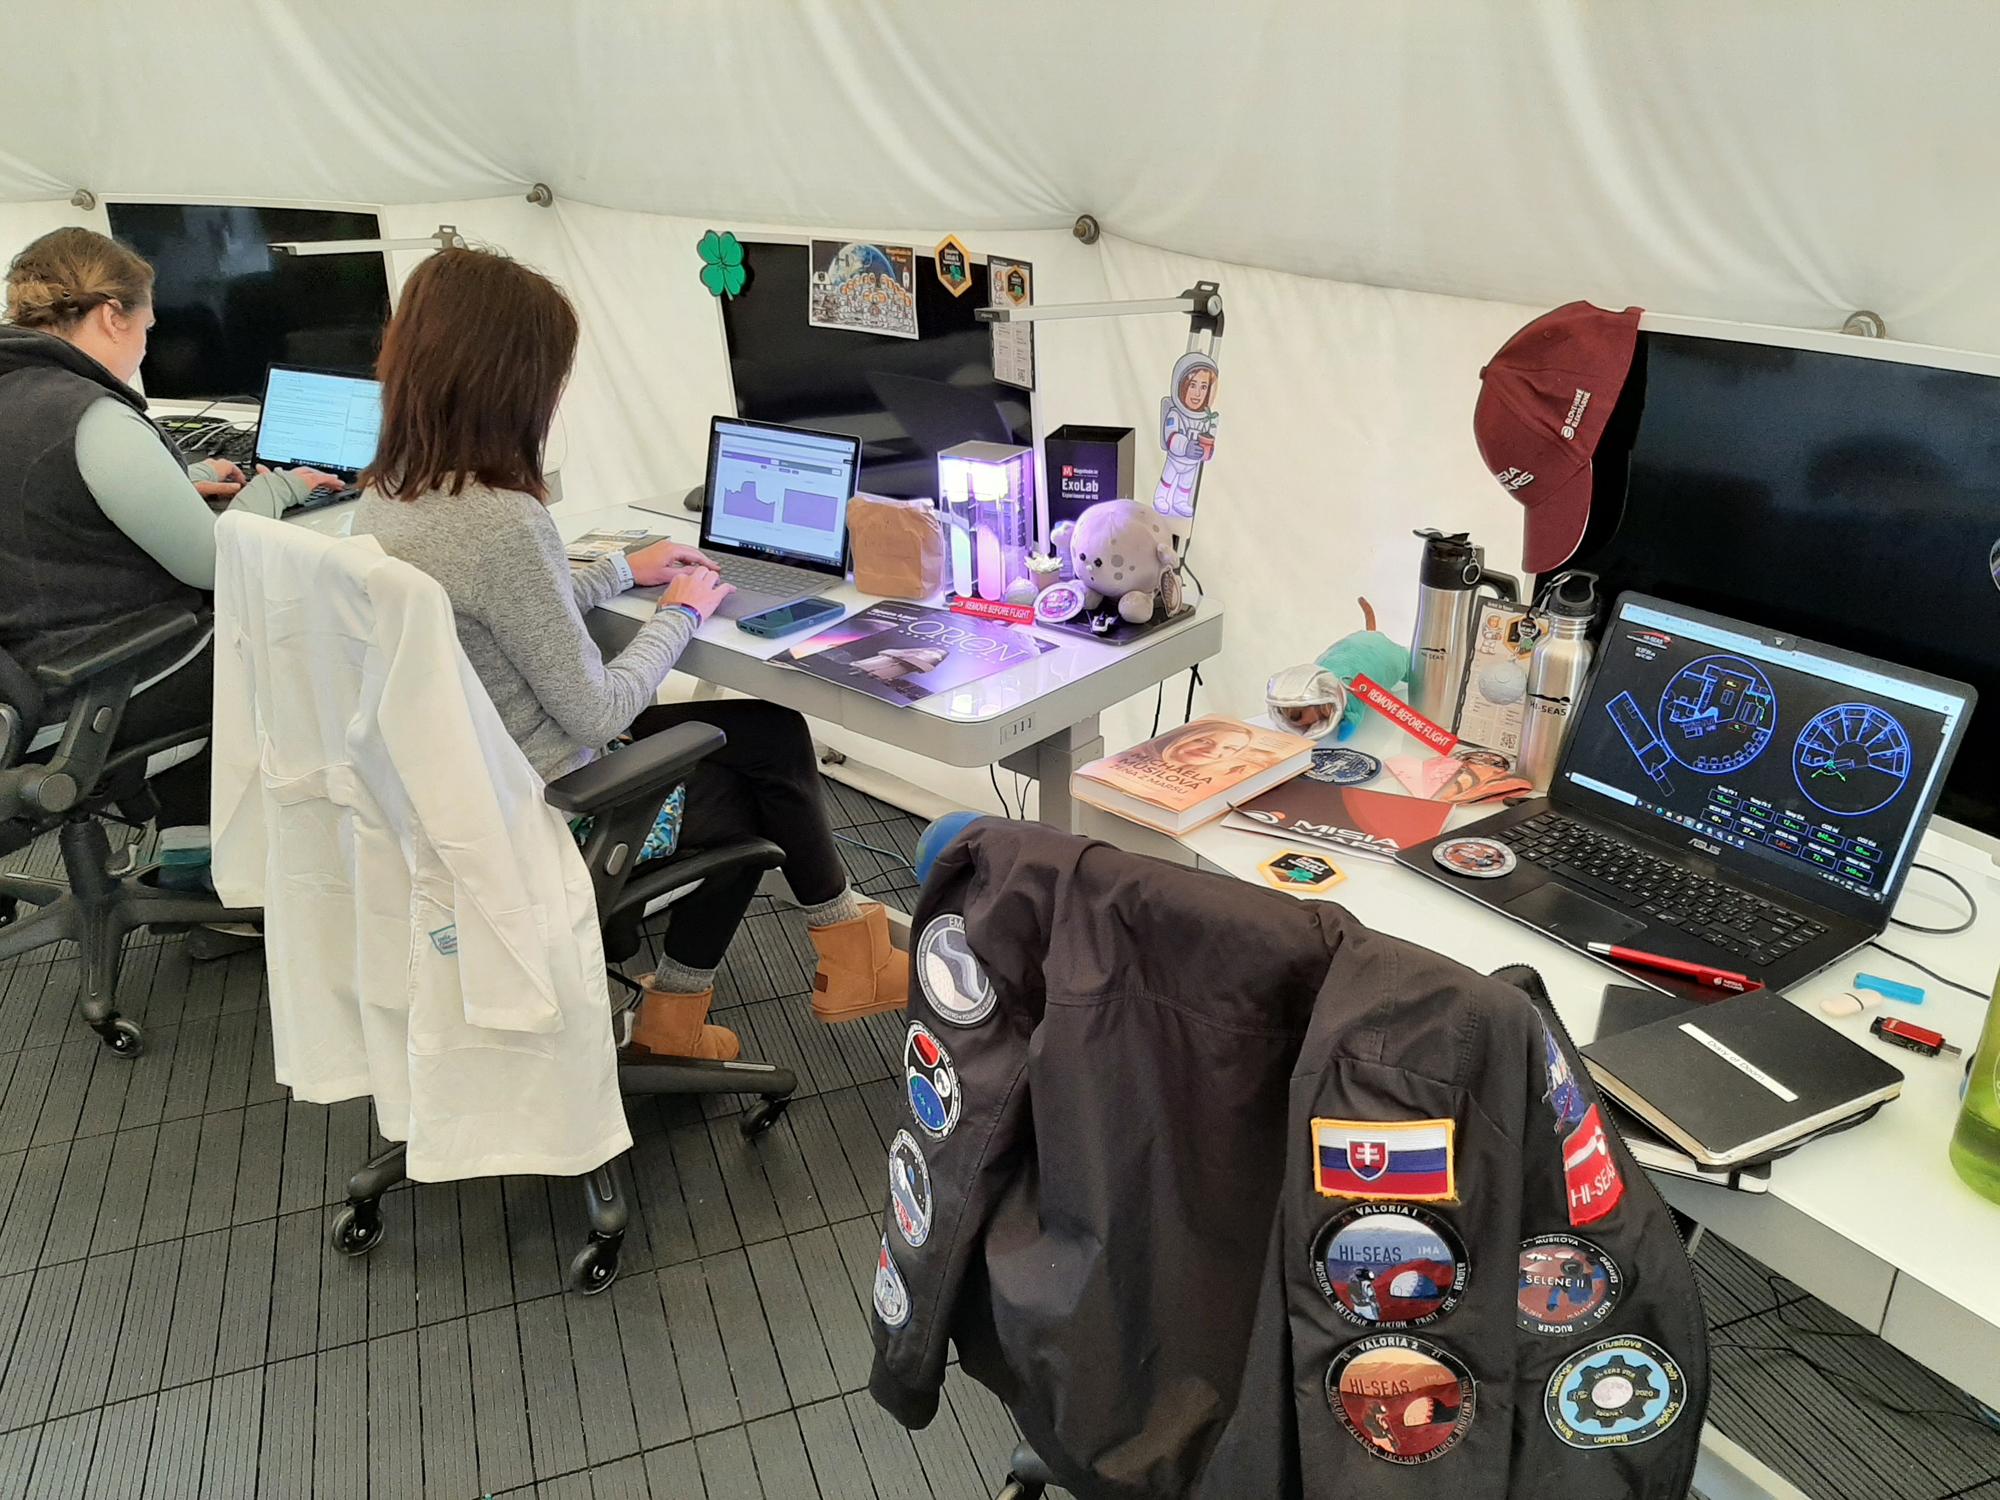 L'équipage du Selene IV a redécoré la majeure partie de l'habitat HI-SEAS, y compris leurs bureaux de travail.